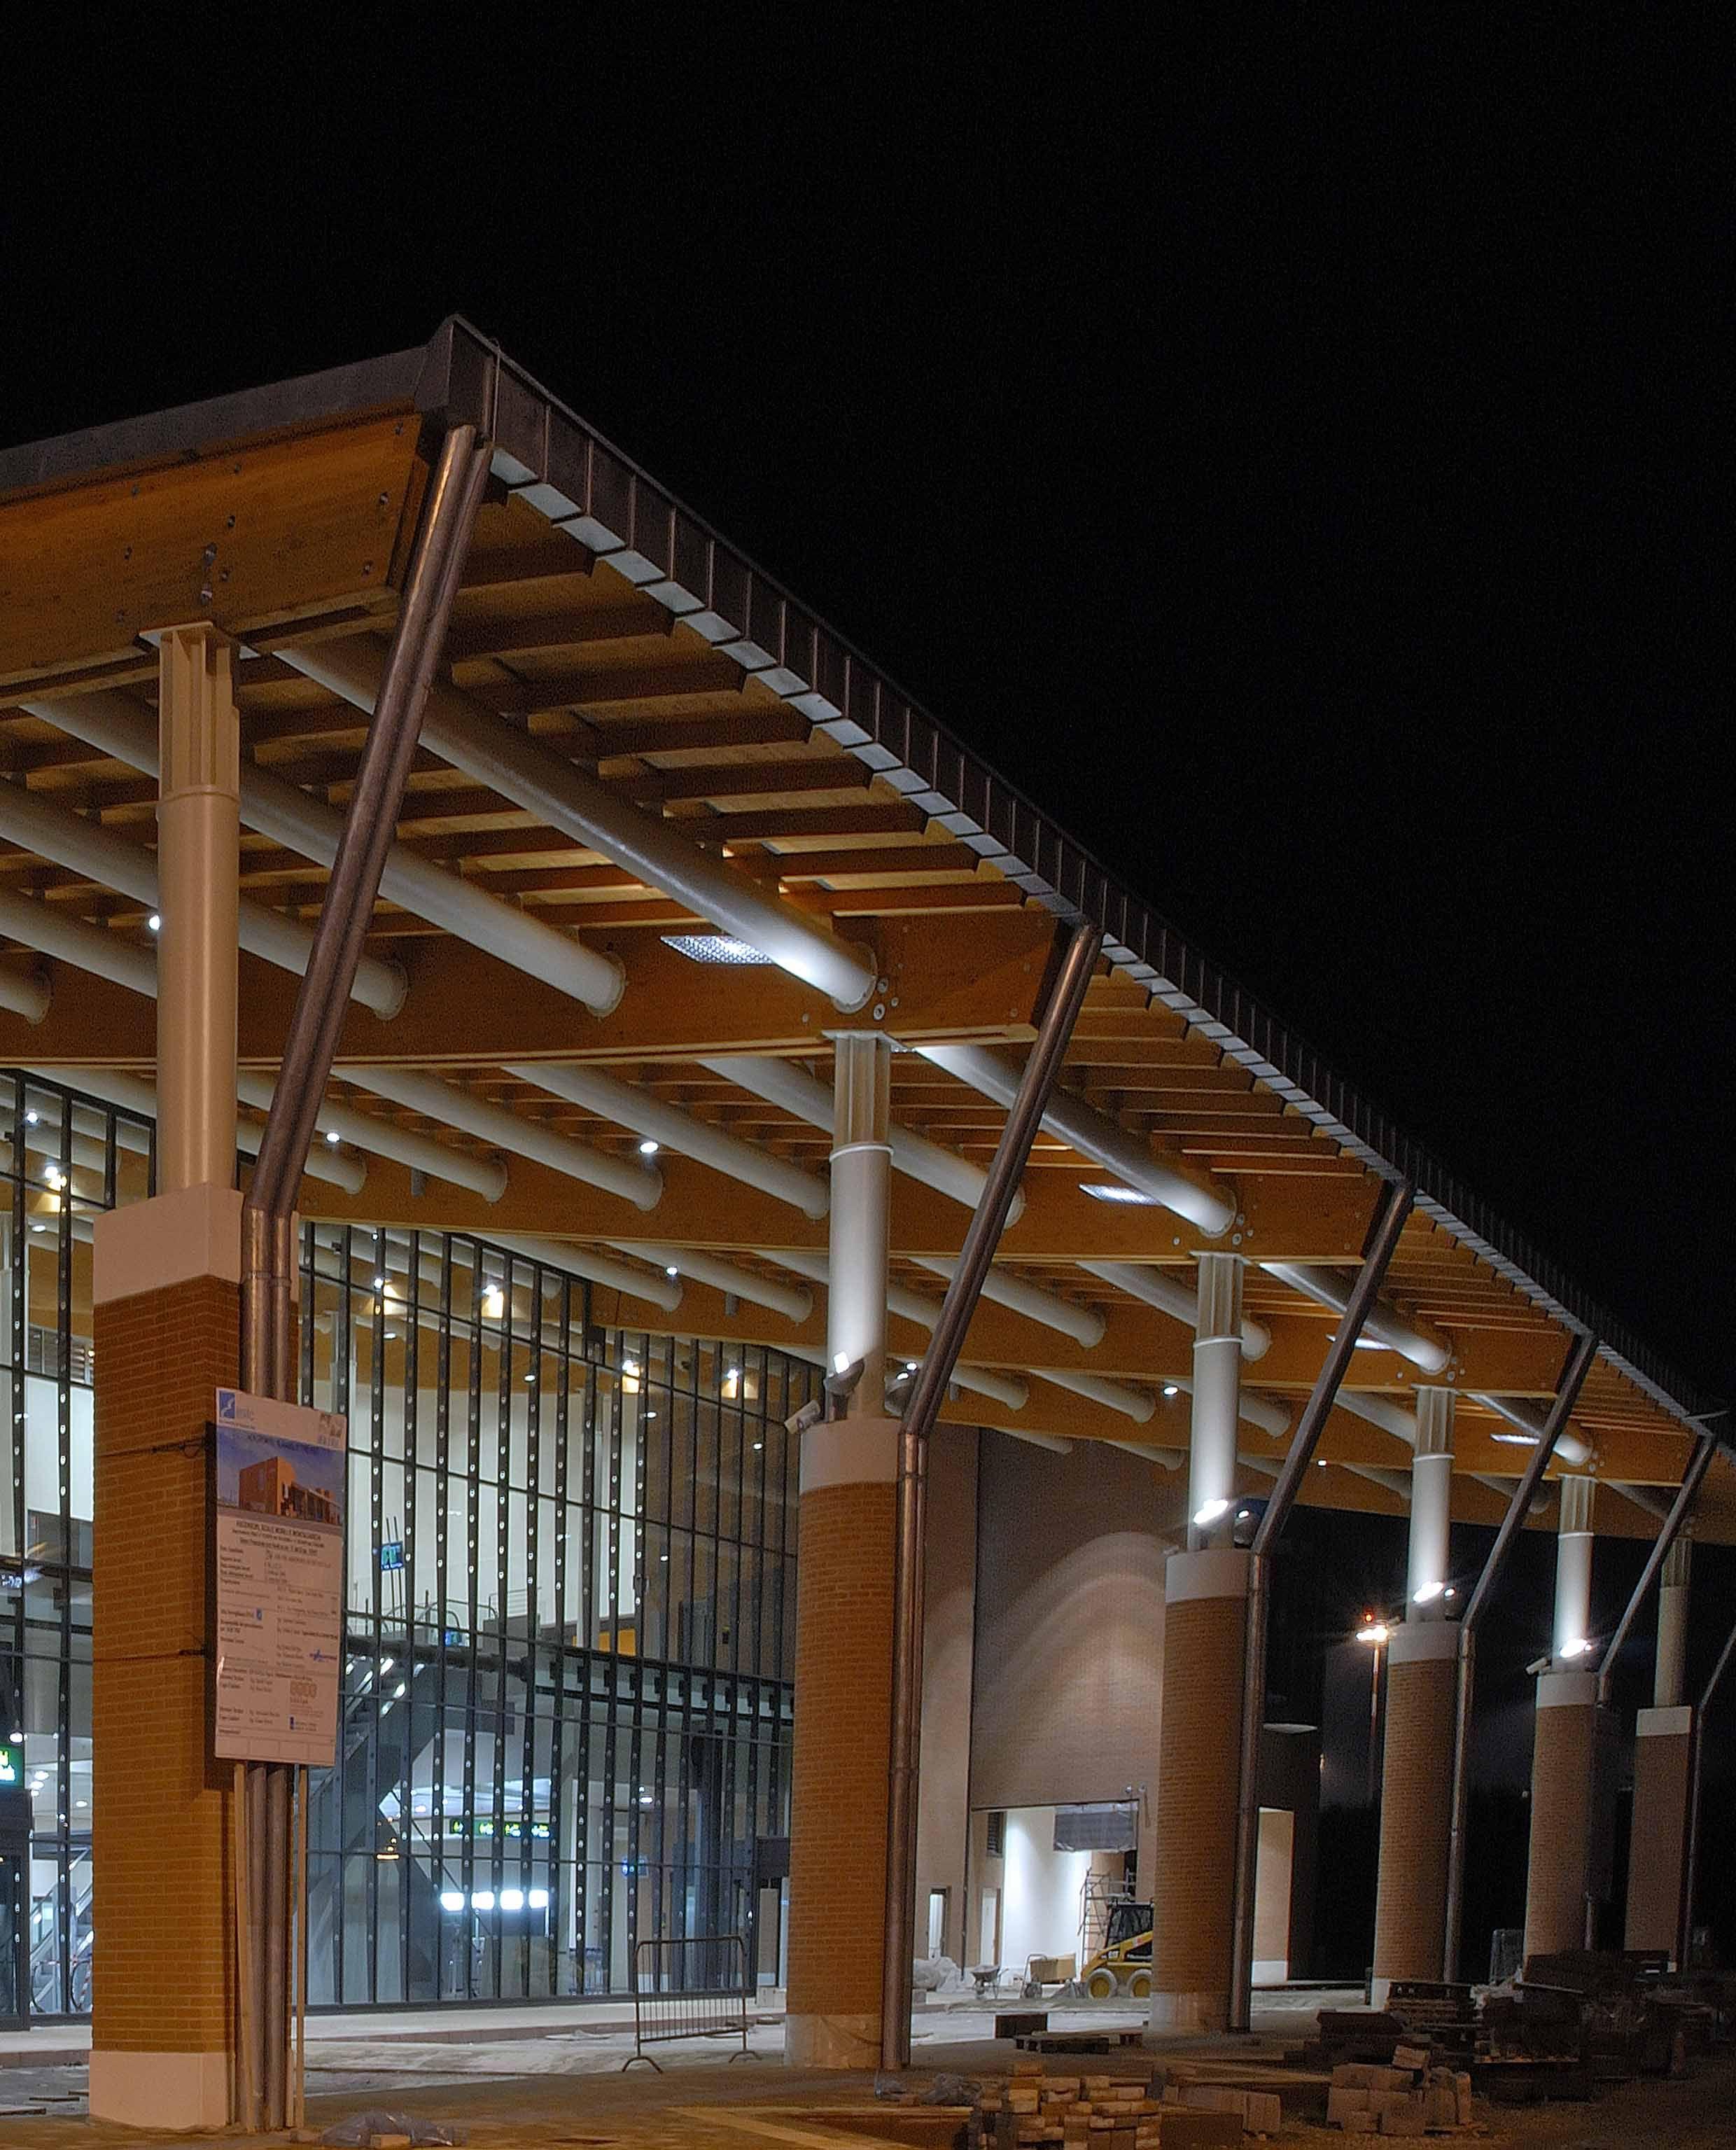 Aeroporto Canova di Treviso - image 1